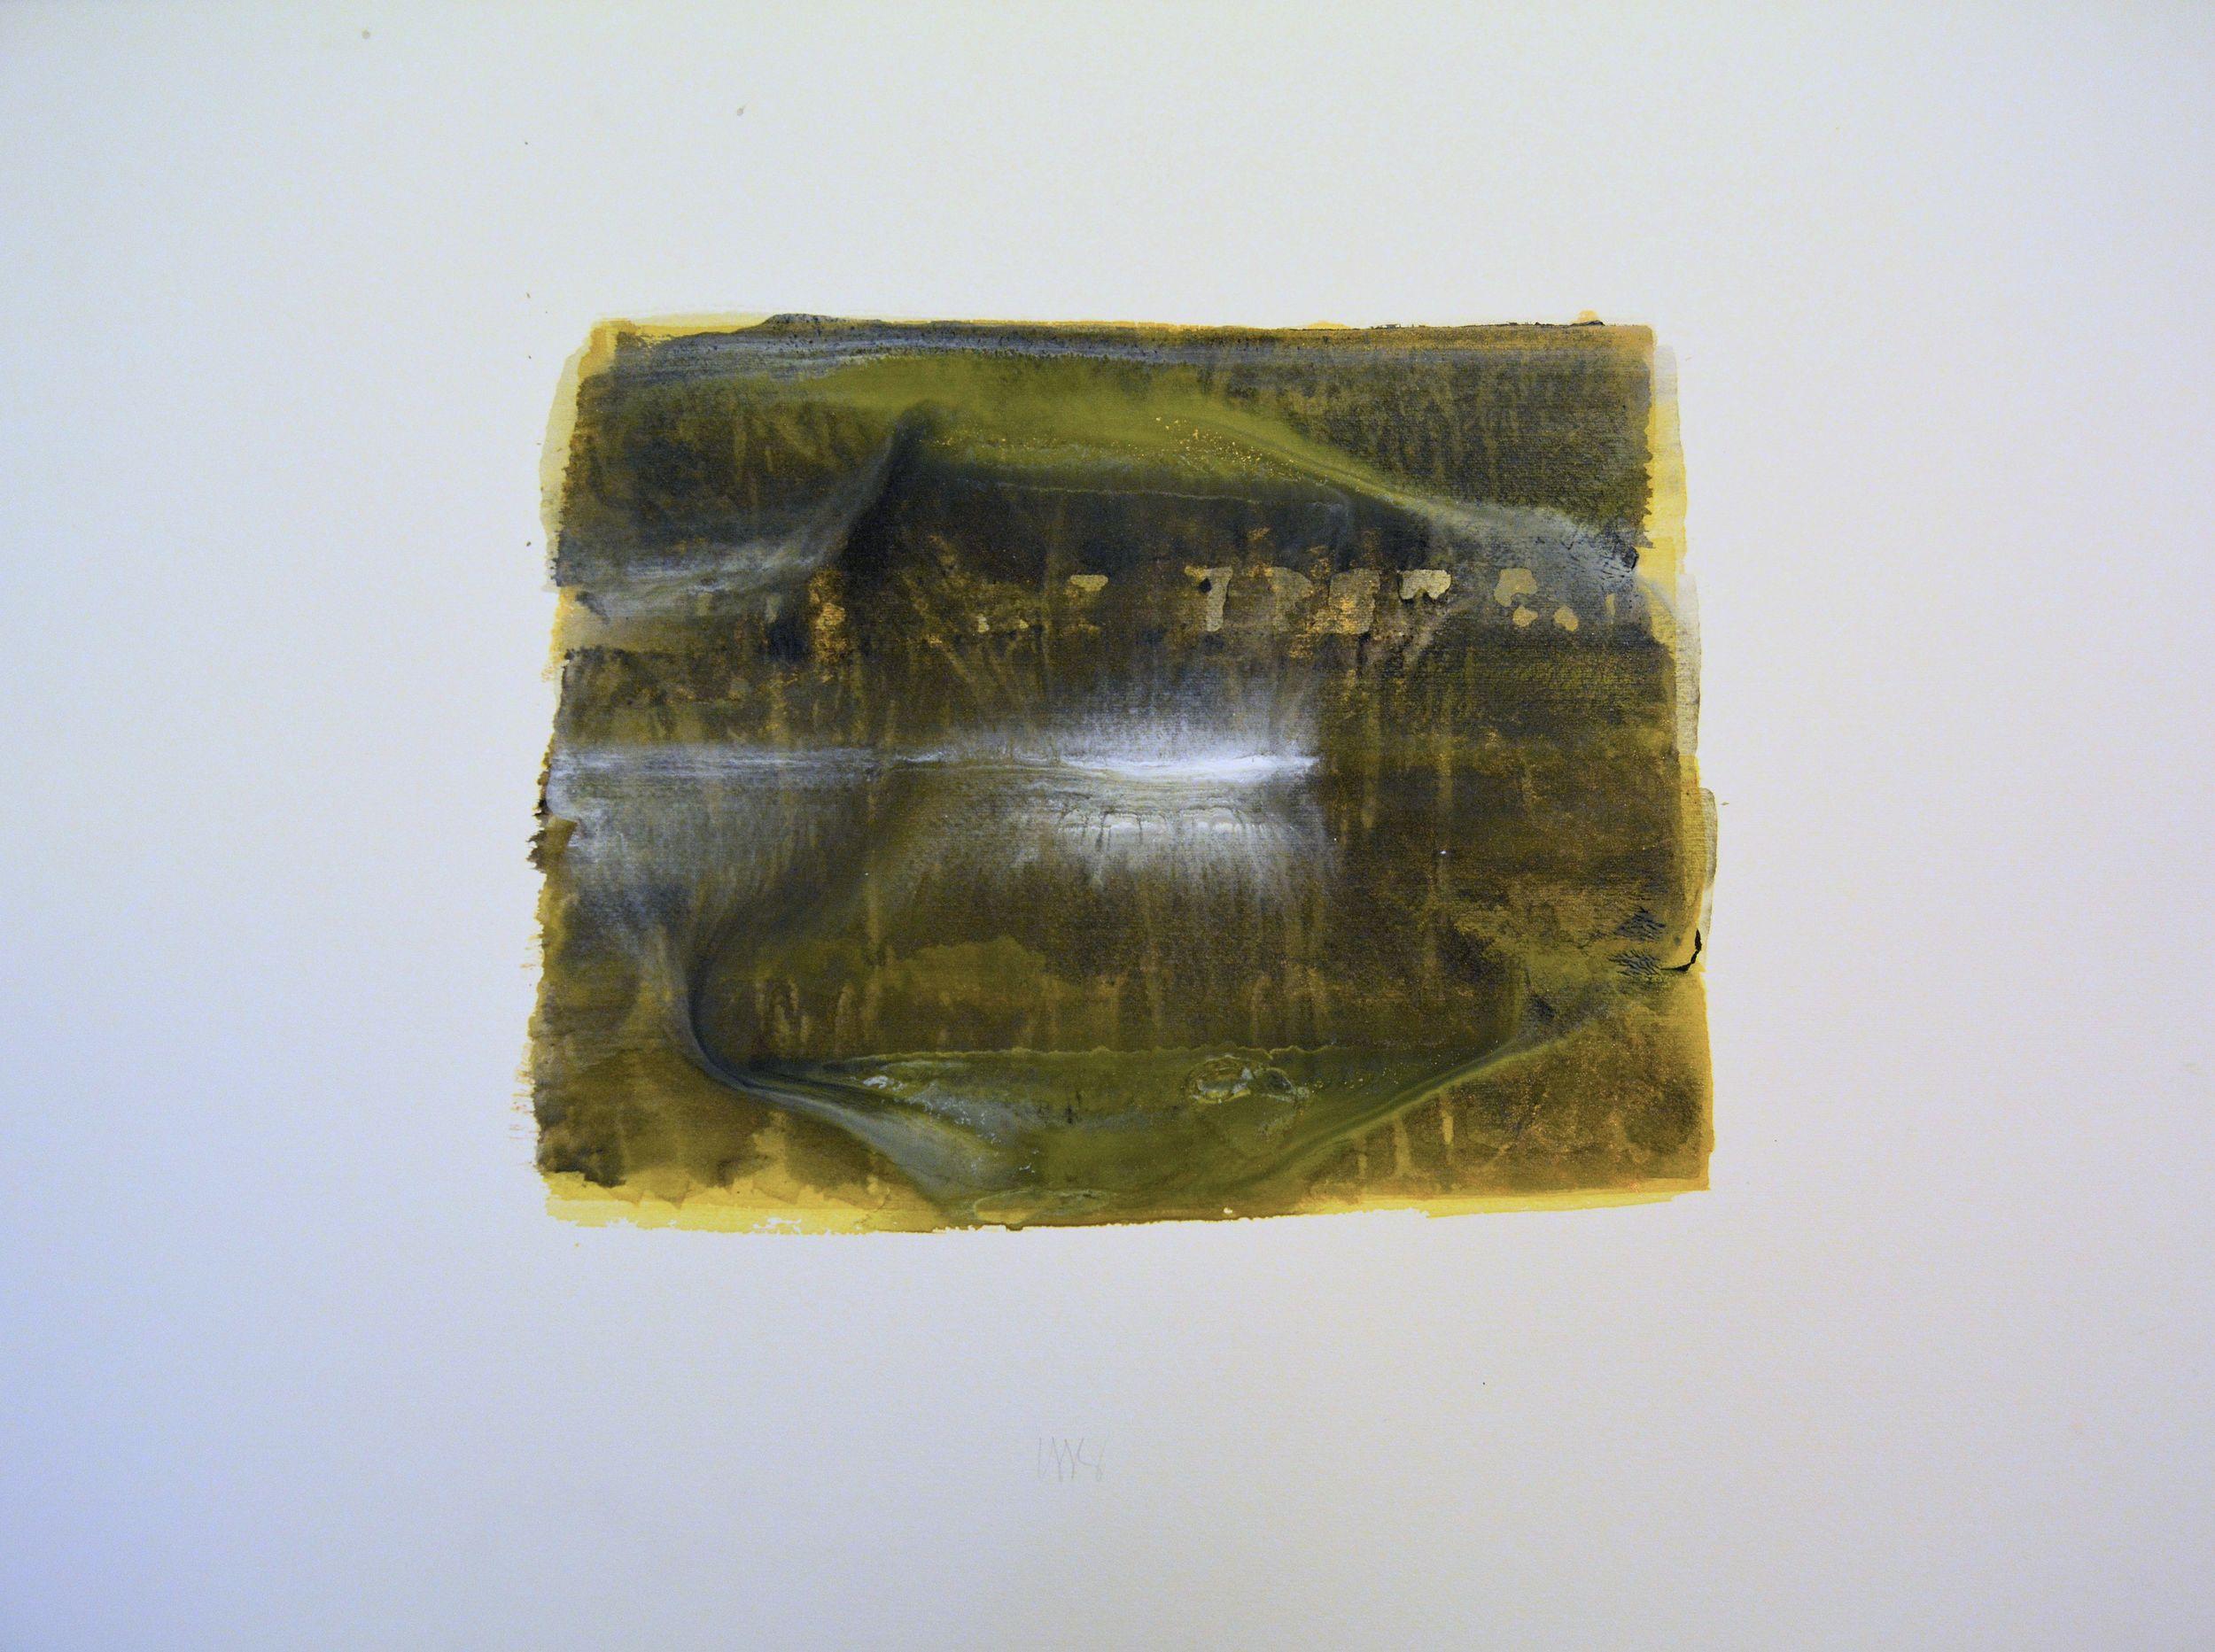 senza titolo, 2000,tempera acrilica su carta Fabriano, cm57 x 76  untitled,2000, acrylic on Fabriano paper, cm 57 x 76